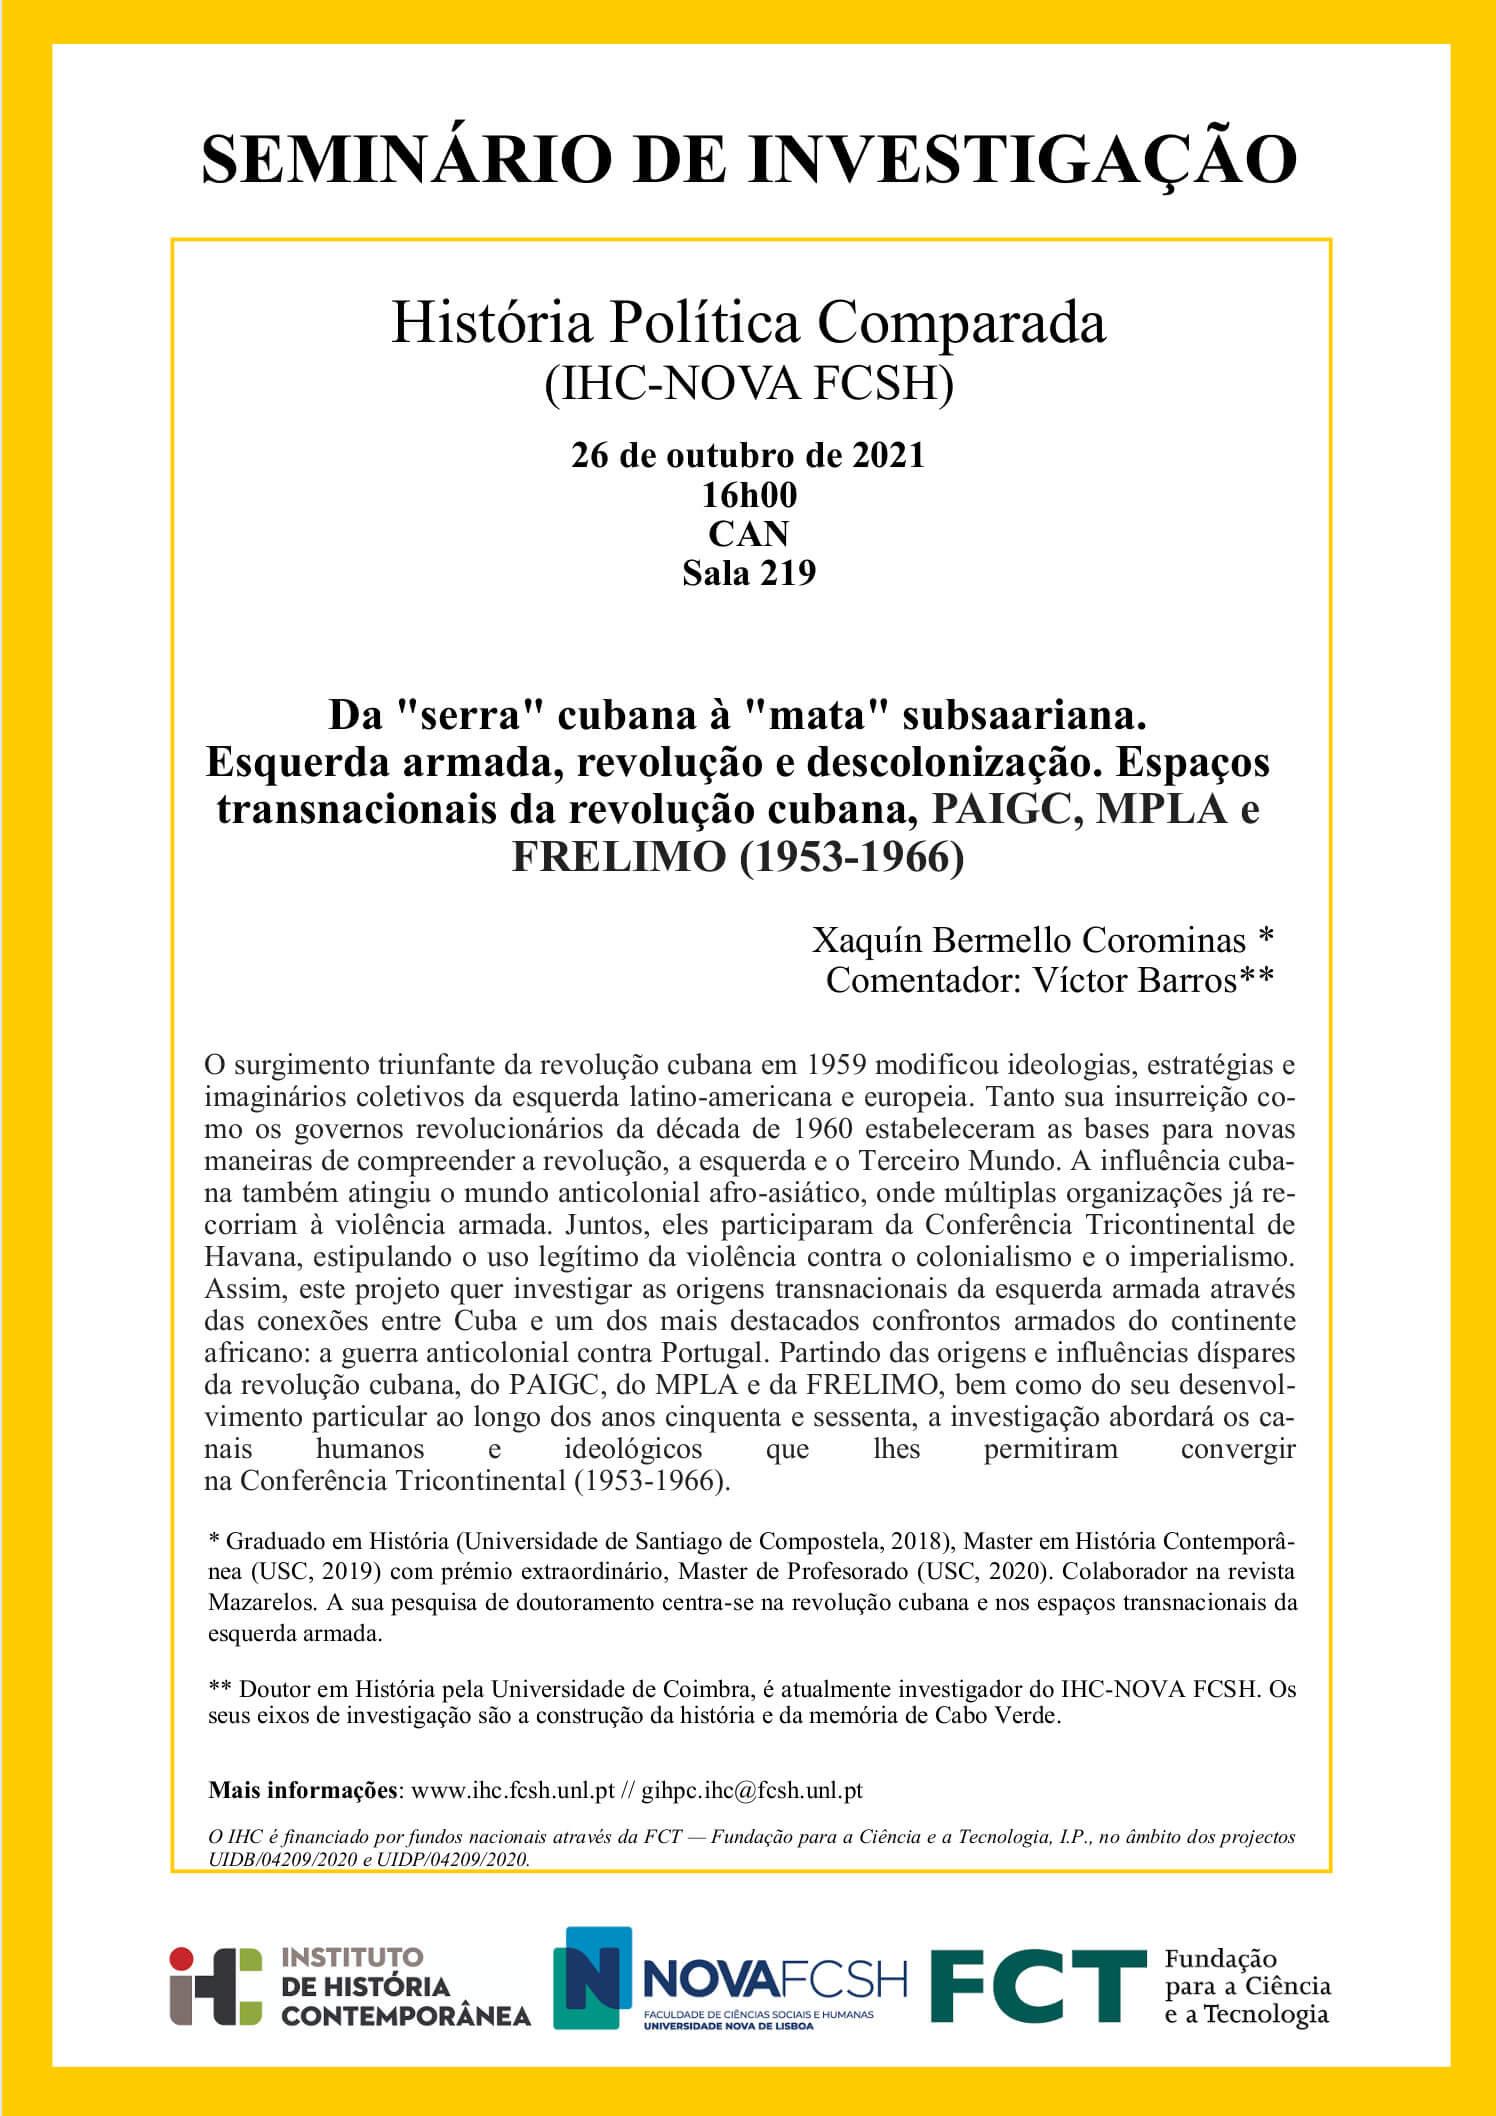 """Cartaz do seminário de investigação """"Da """"serra"""" cubana à """"mata"""" subsaariana"""""""